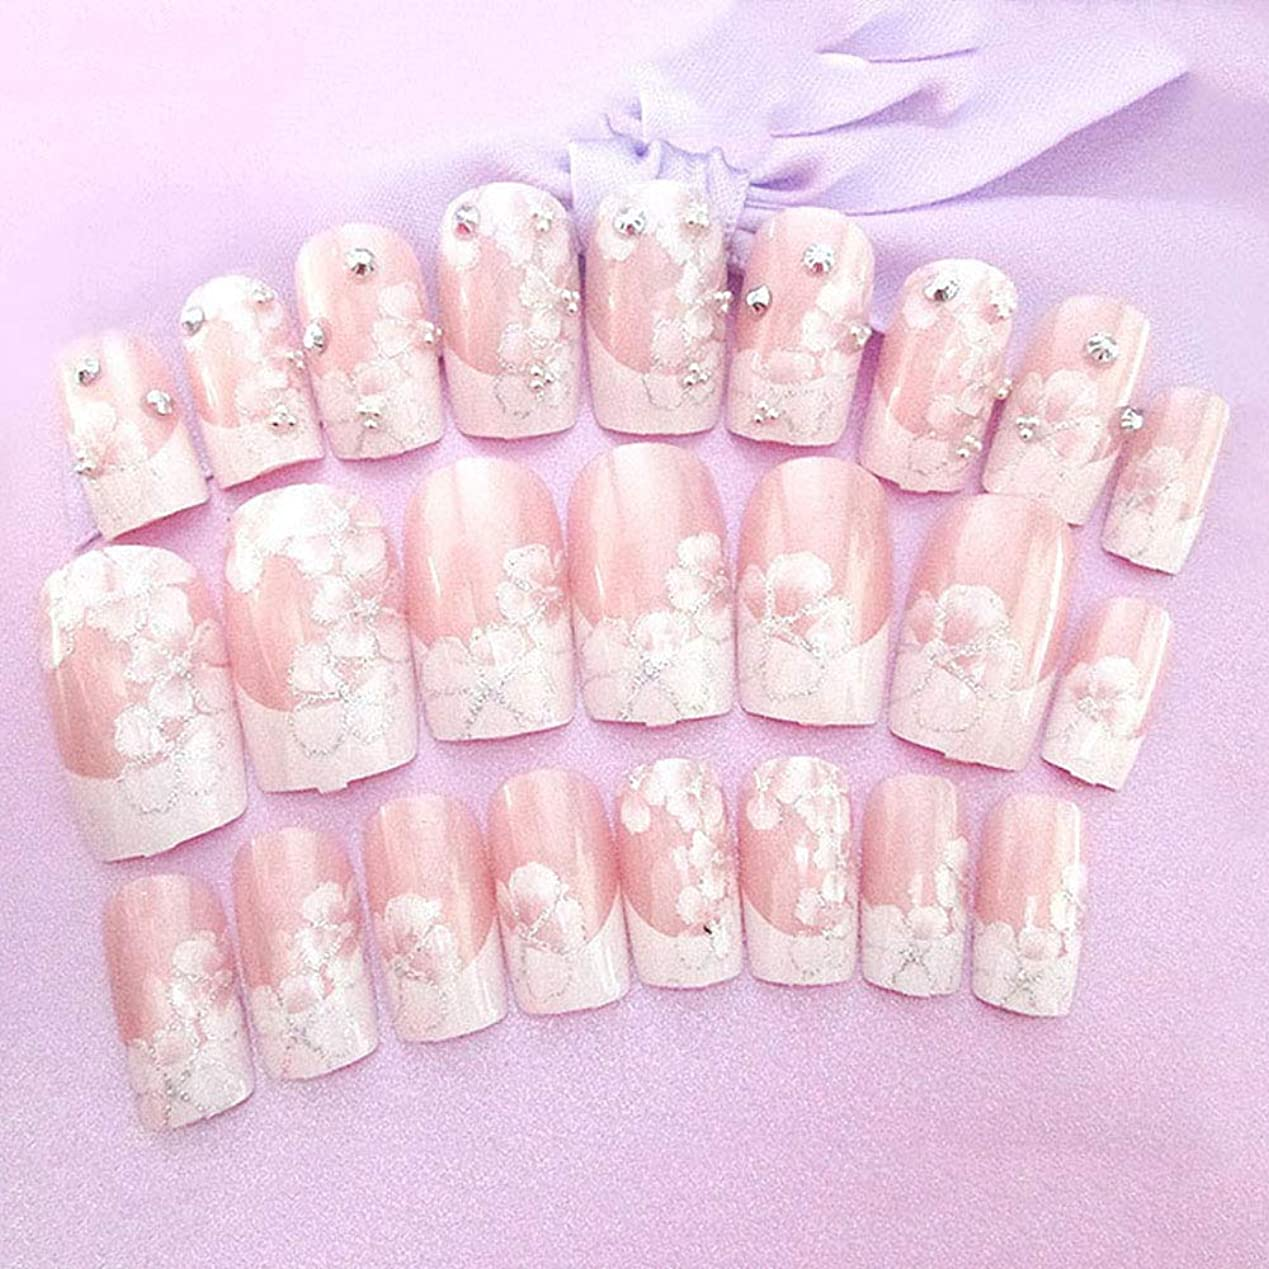 オングラム時計回りXUTXZKA 24個/セット結婚式の花嫁フルネイルのヒント花ラインストーンフェイクネイルツール